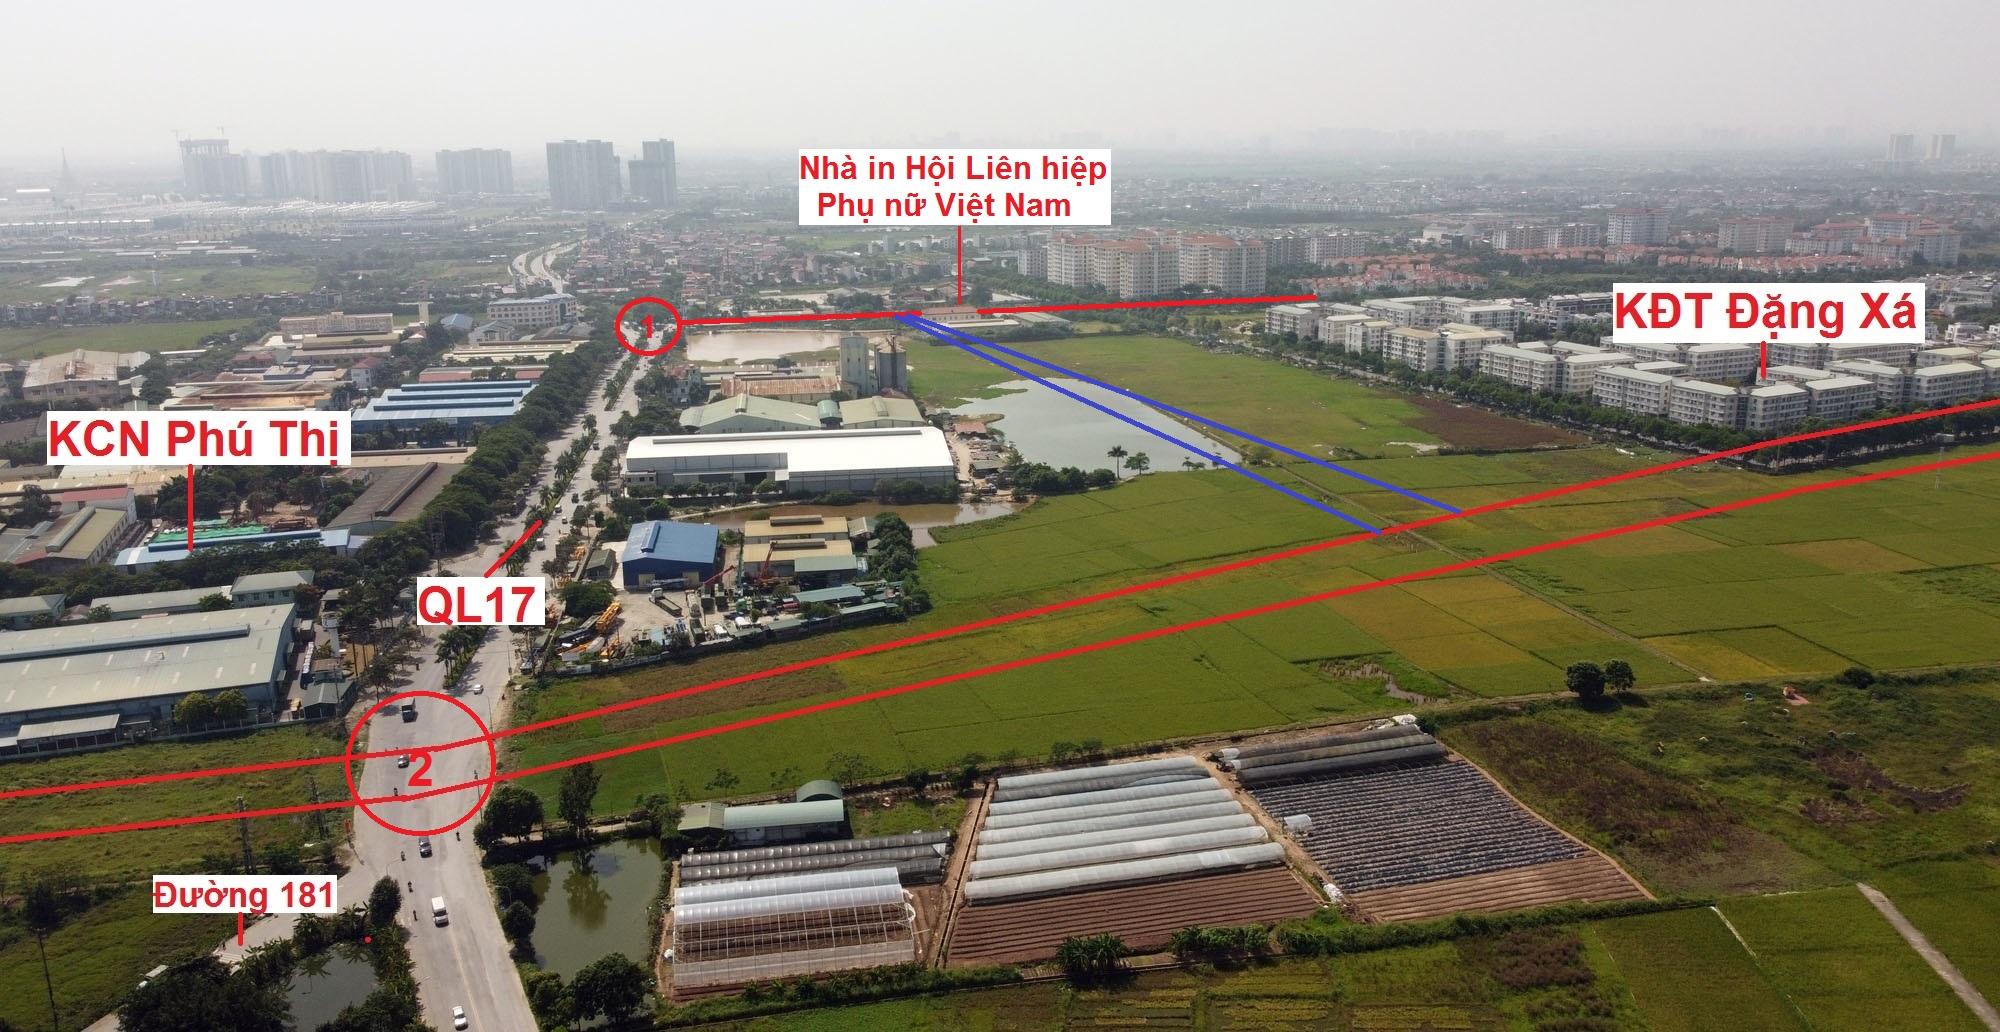 đường sẽ mở theo qui hoạch ở xã Phú Thị, Gia Lâm, Hà Nội - Ảnh 8.